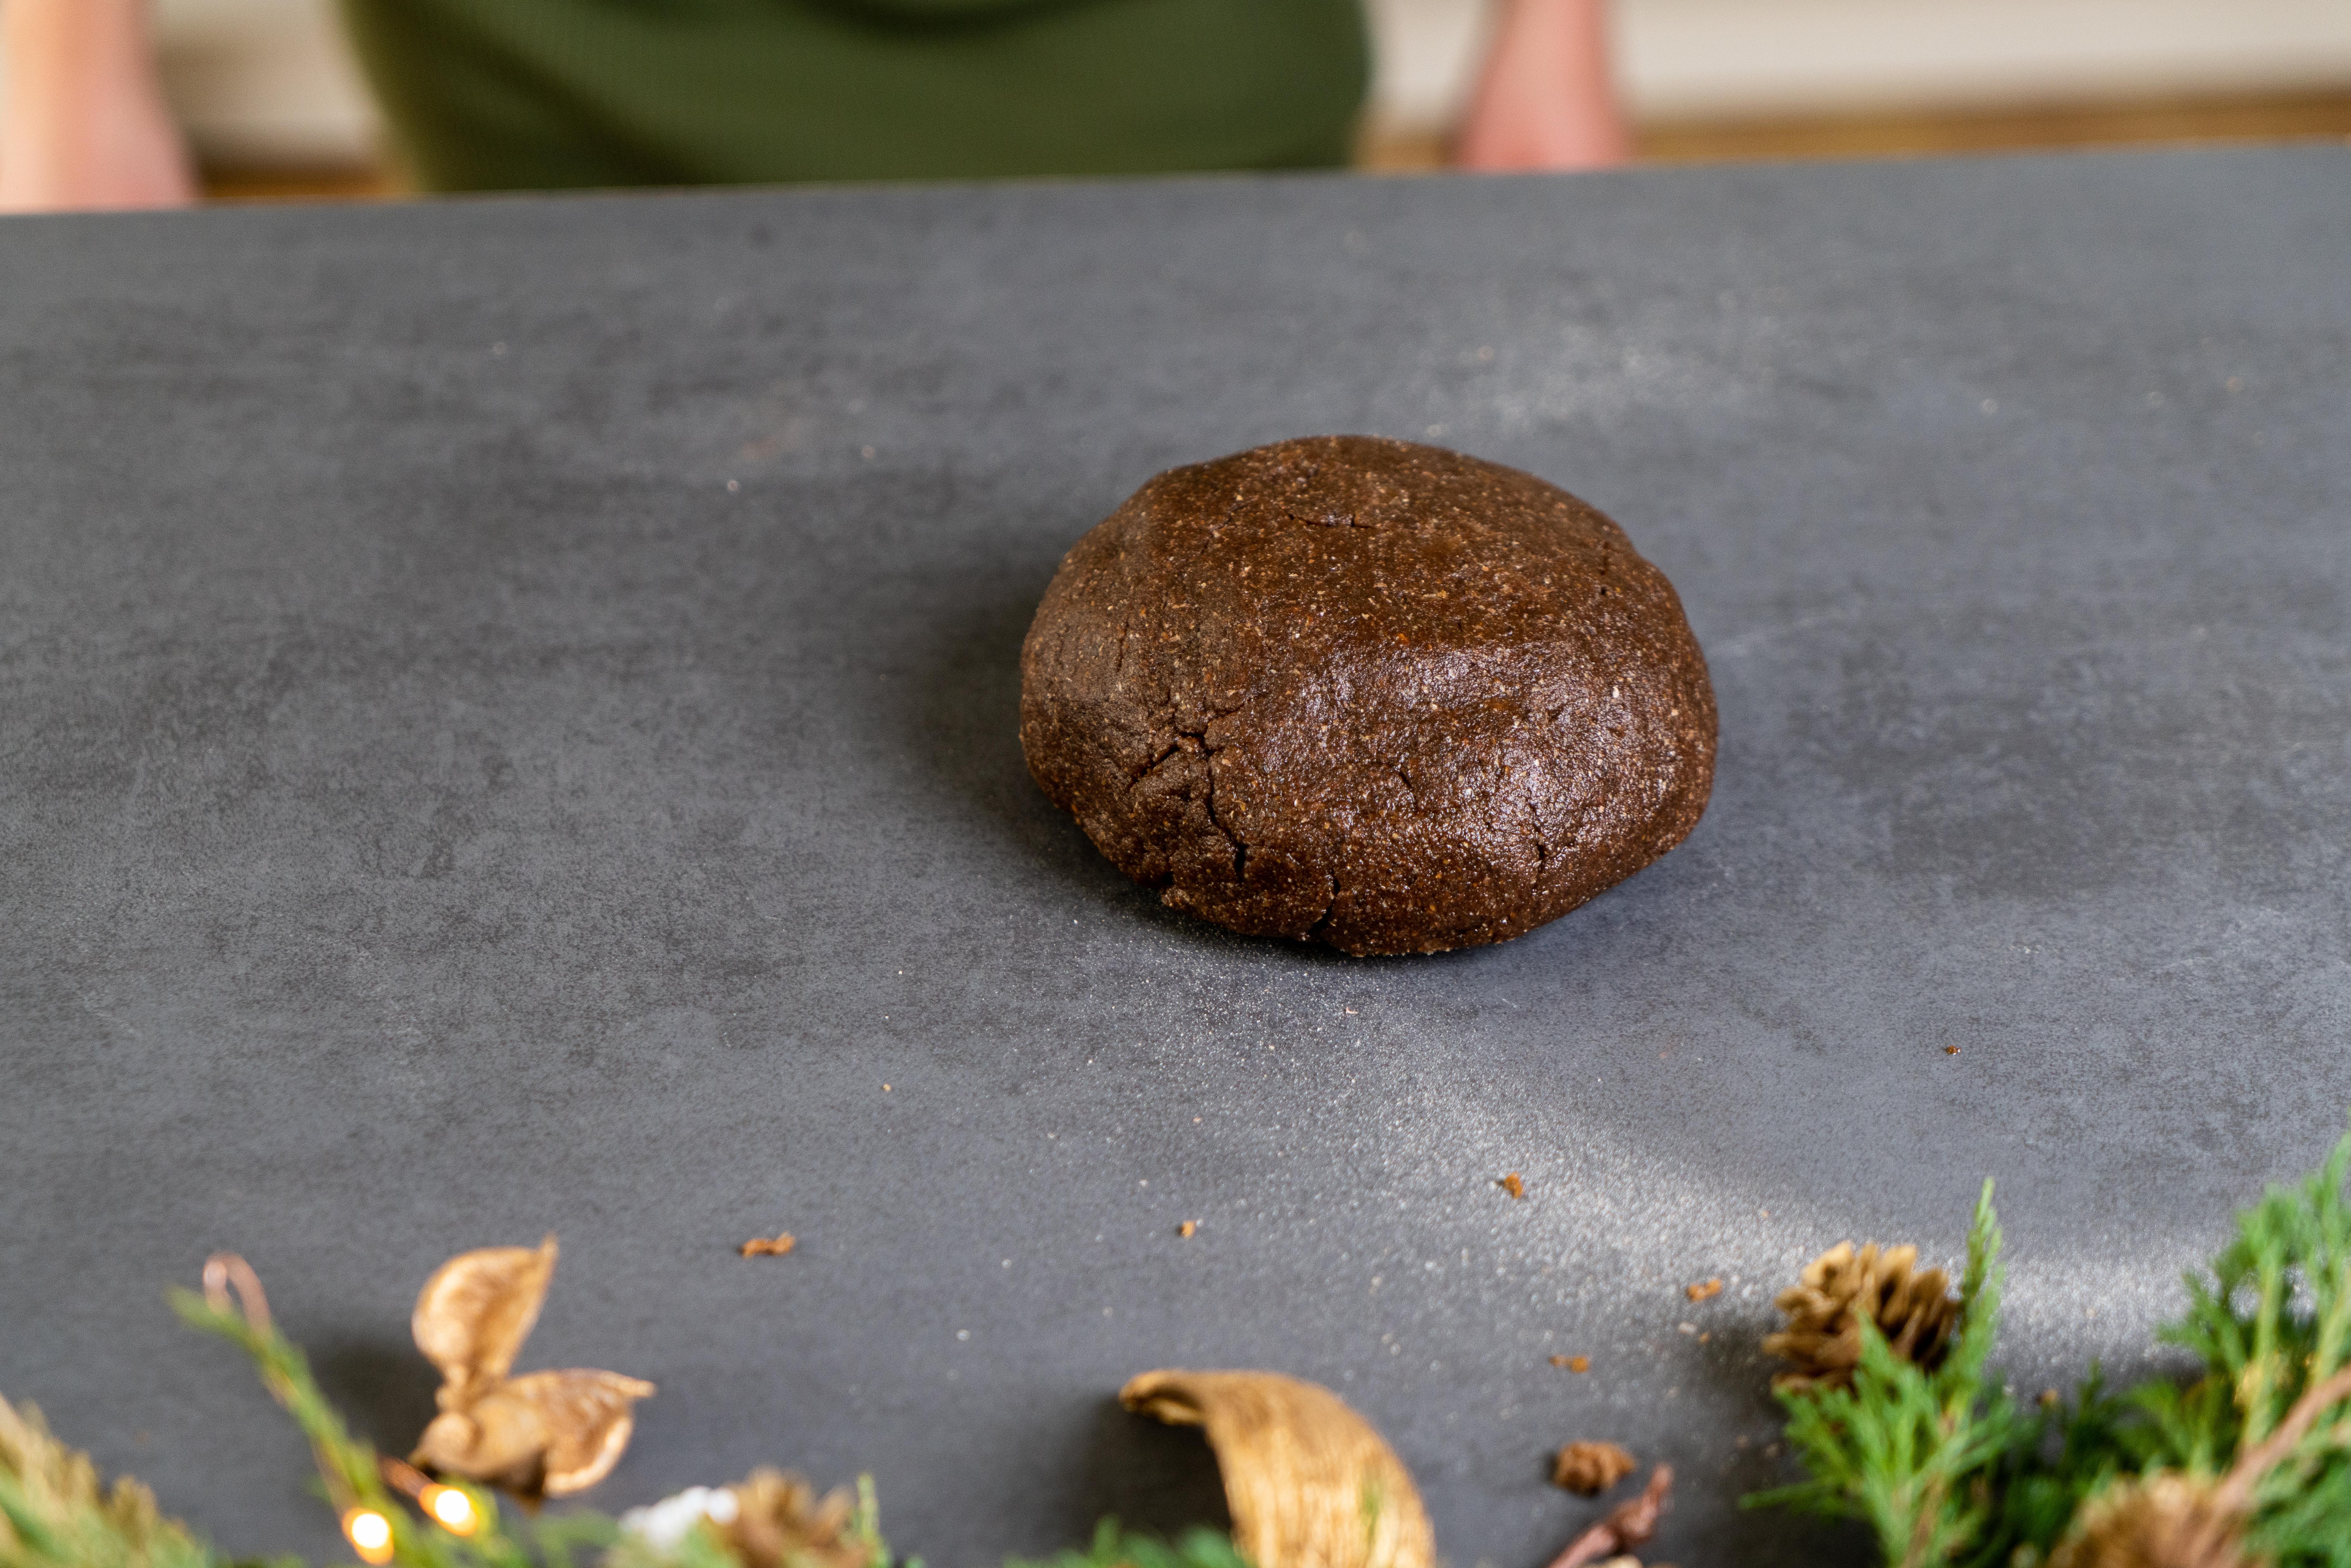 como hacer una masa de galletas a base de jengibre, recetas faciles y rapidas para hacer en casa, pasos para hacer galletas saludables